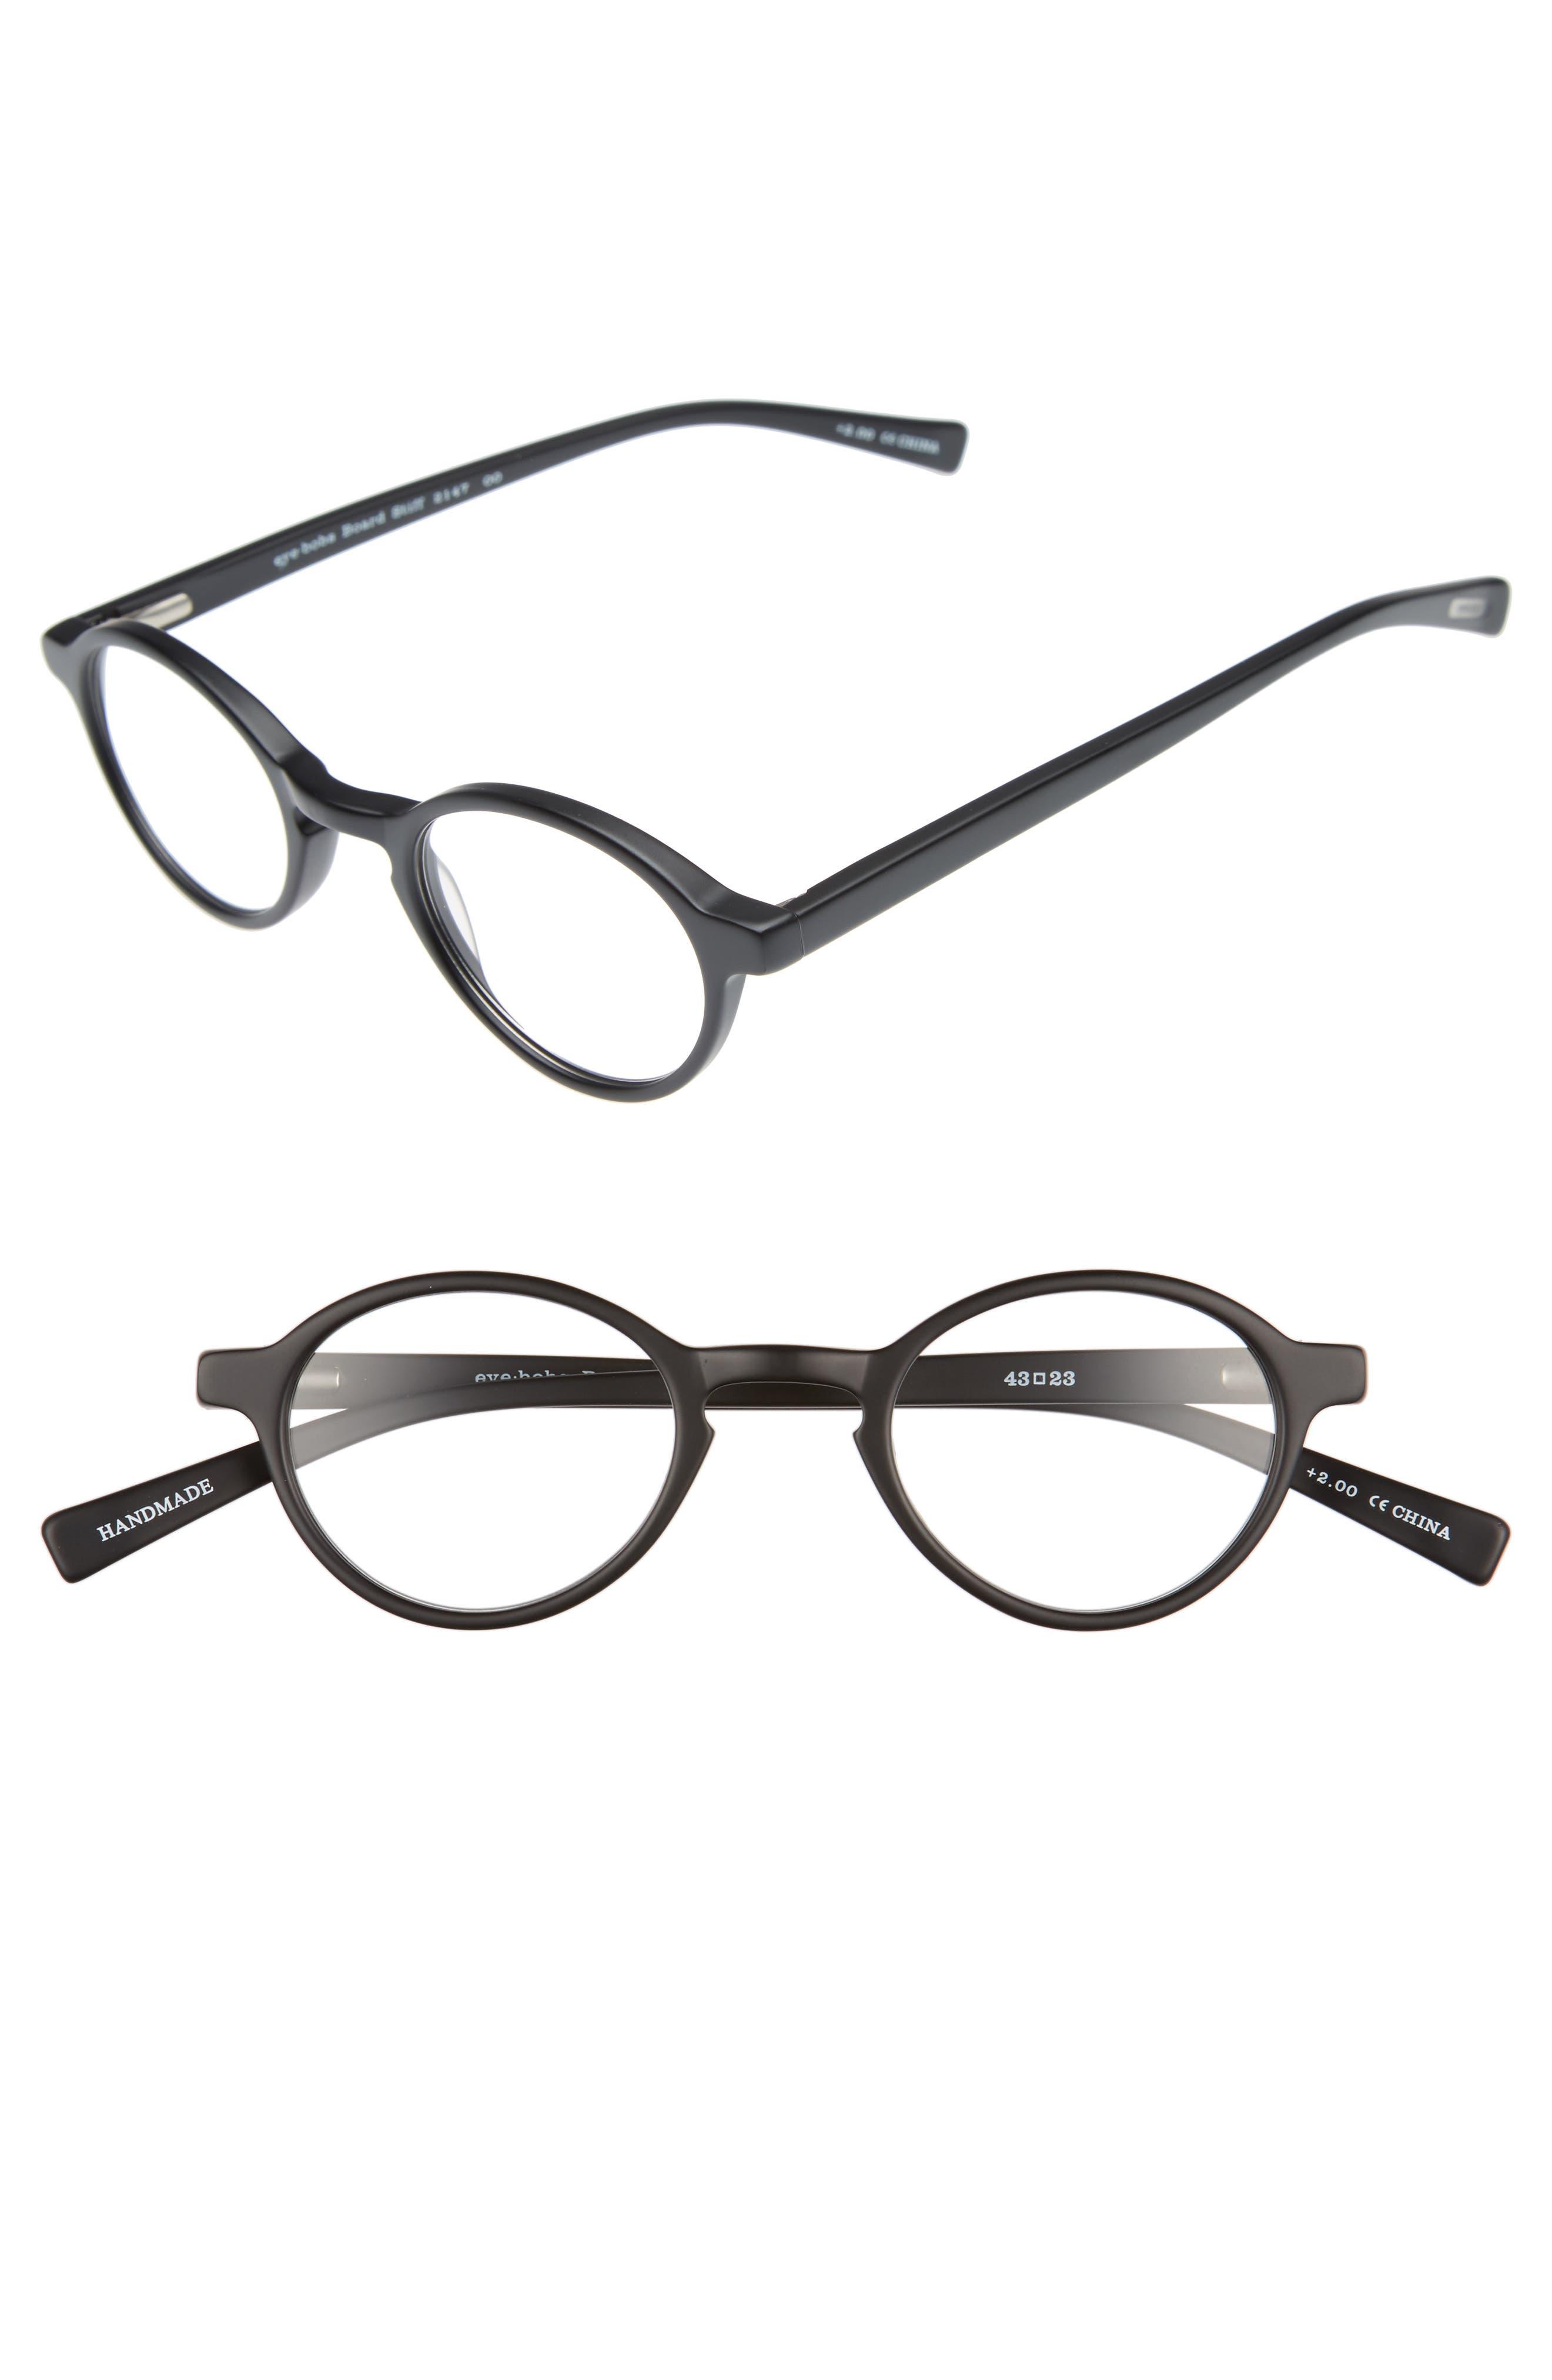 Board Stiff 43mm Reading Glasses,                         Main,                         color, MATTE BLACK